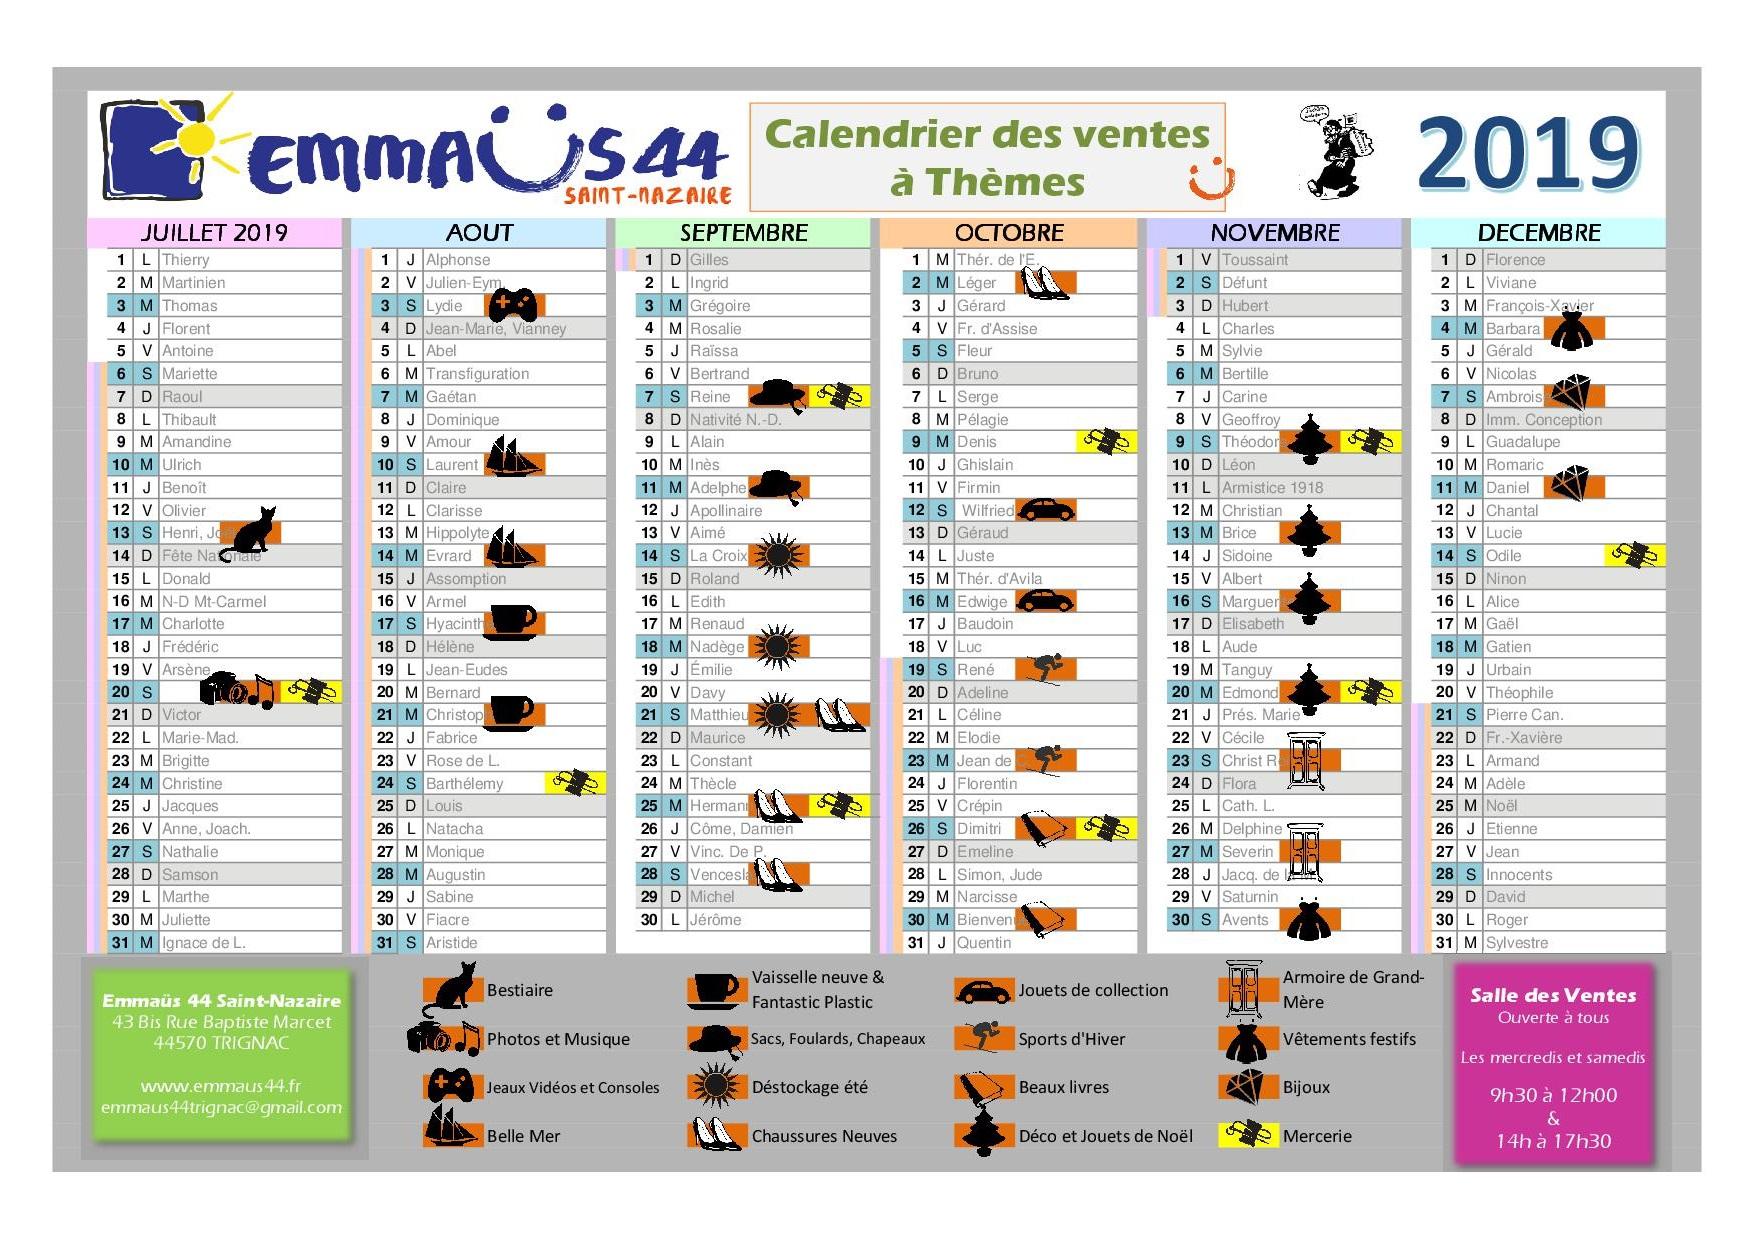 emmaus44 Saint-Nazaire calendrier des ventes thématiques 2019 deuxième semestre